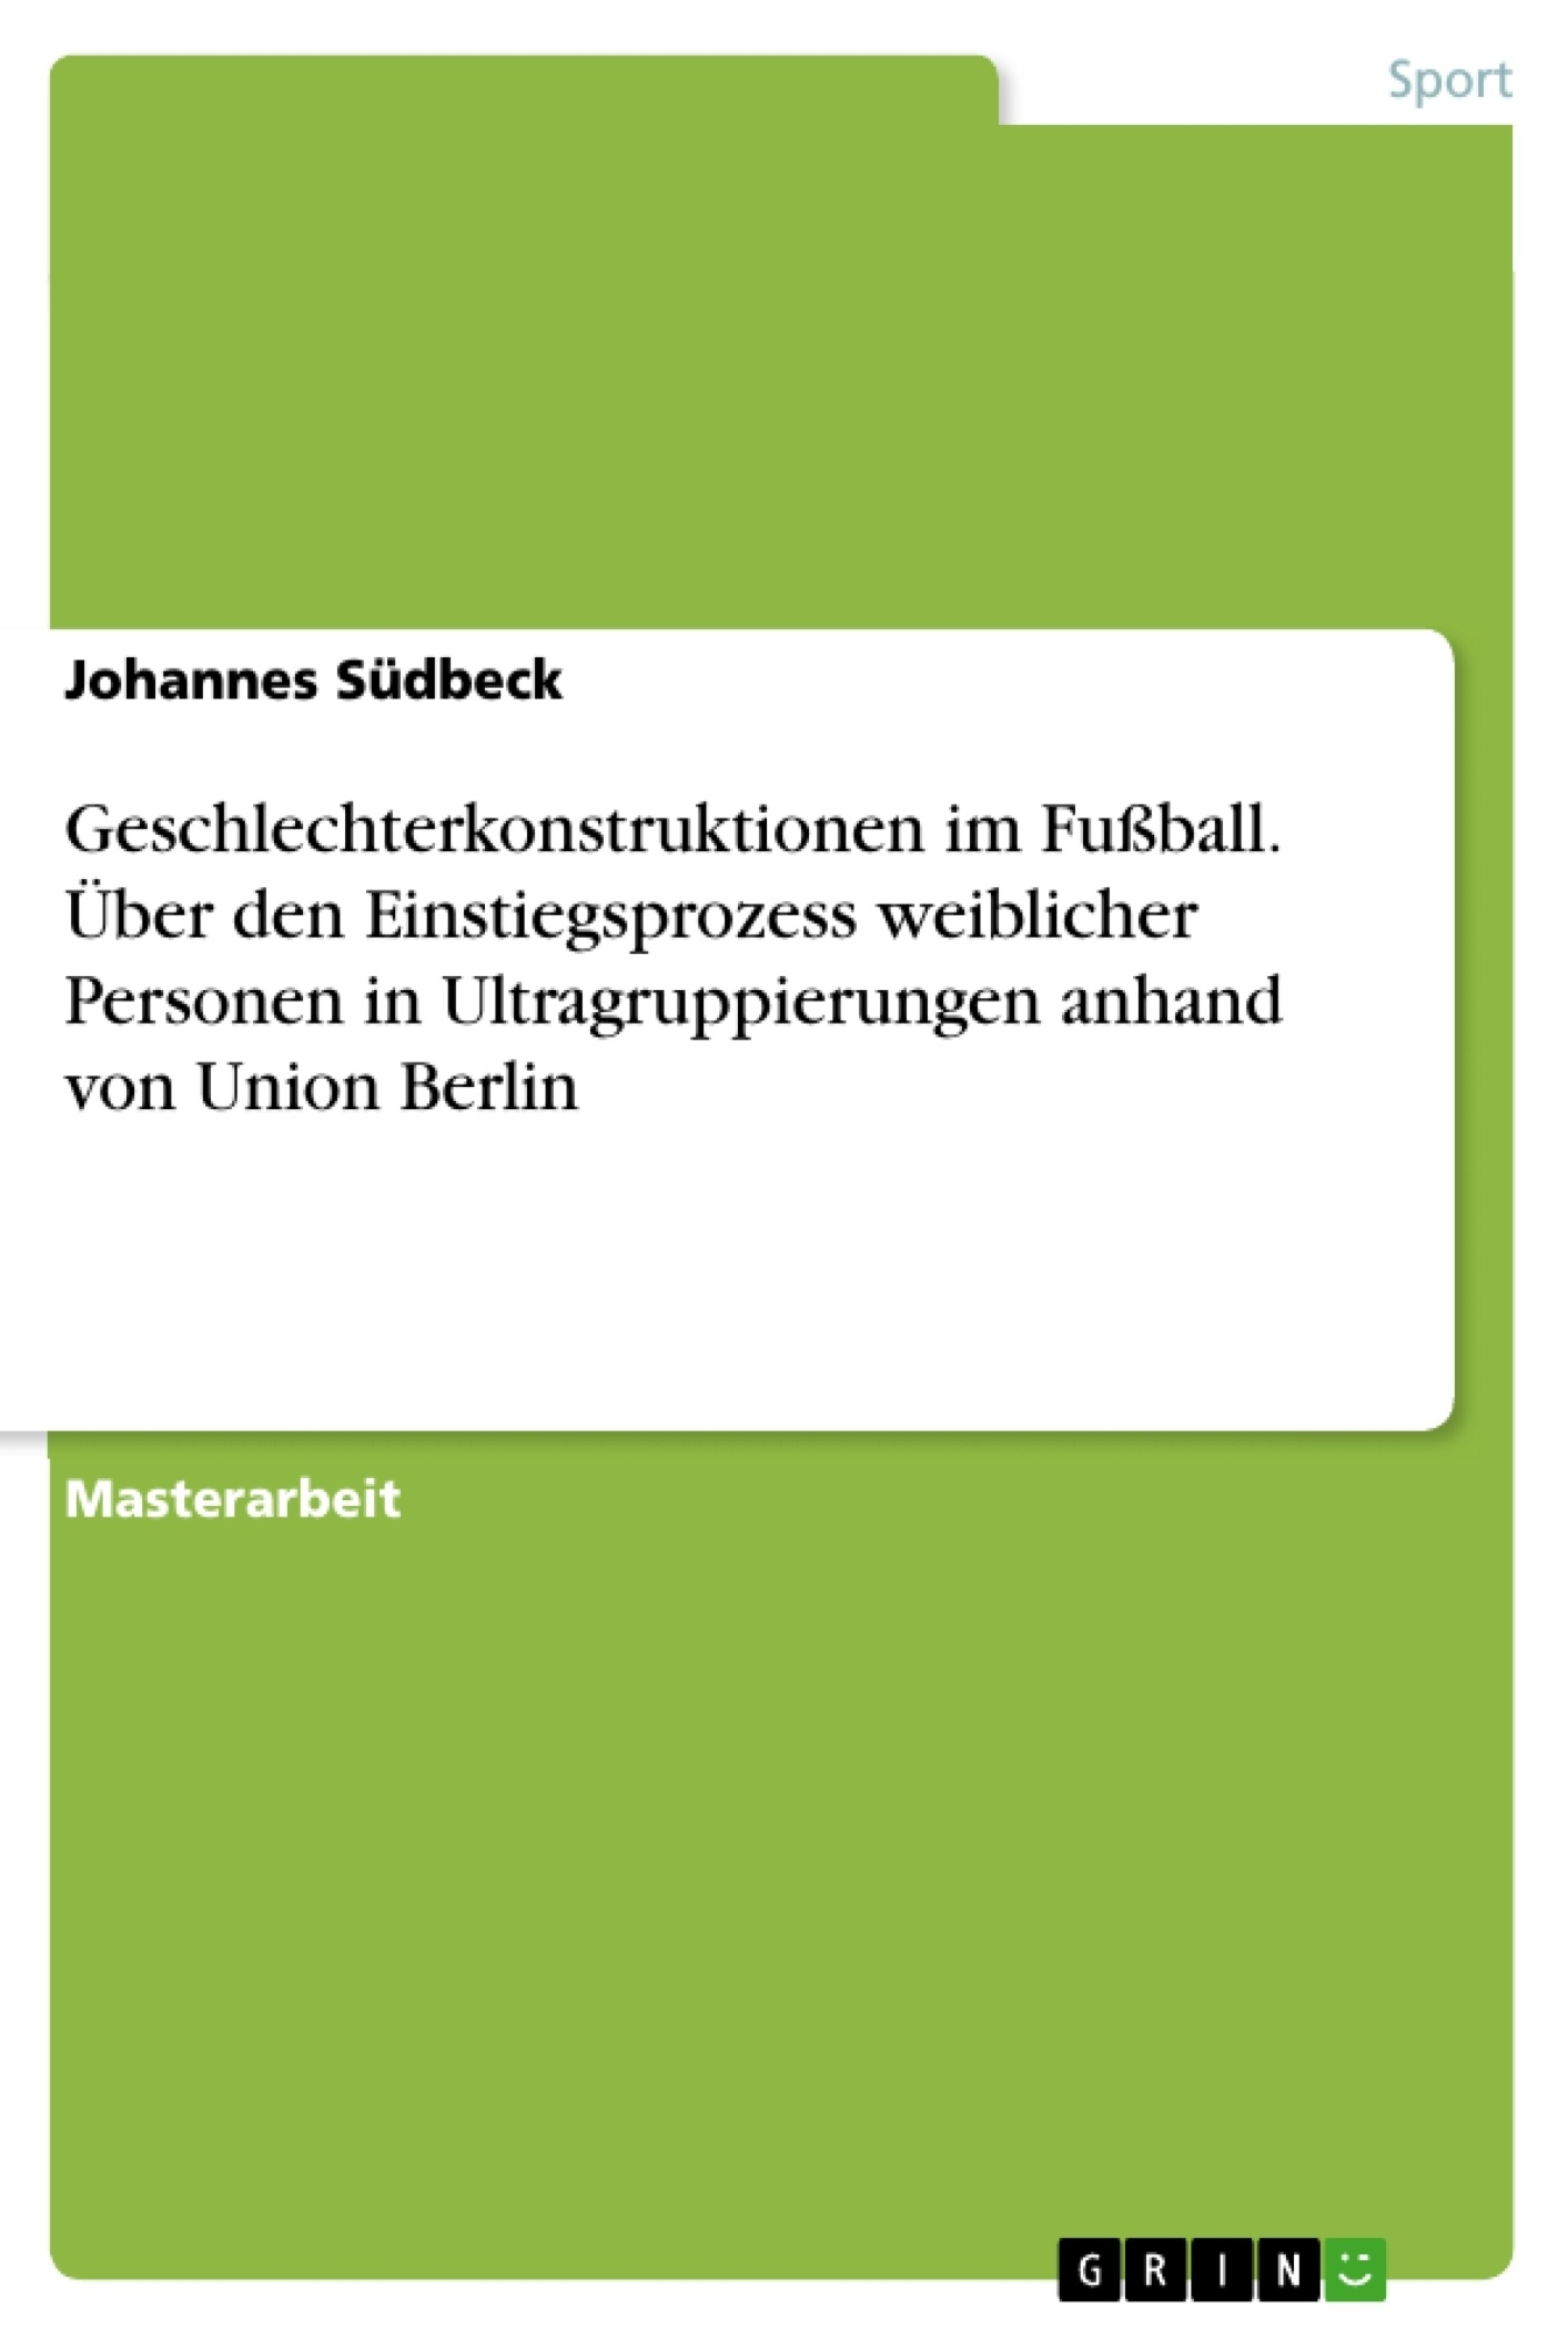 Titel: Geschlechterkonstruktionen im Fußball. Über den Einstiegsprozess weiblicher Personen in Ultragruppierungen anhand von Union Berlin